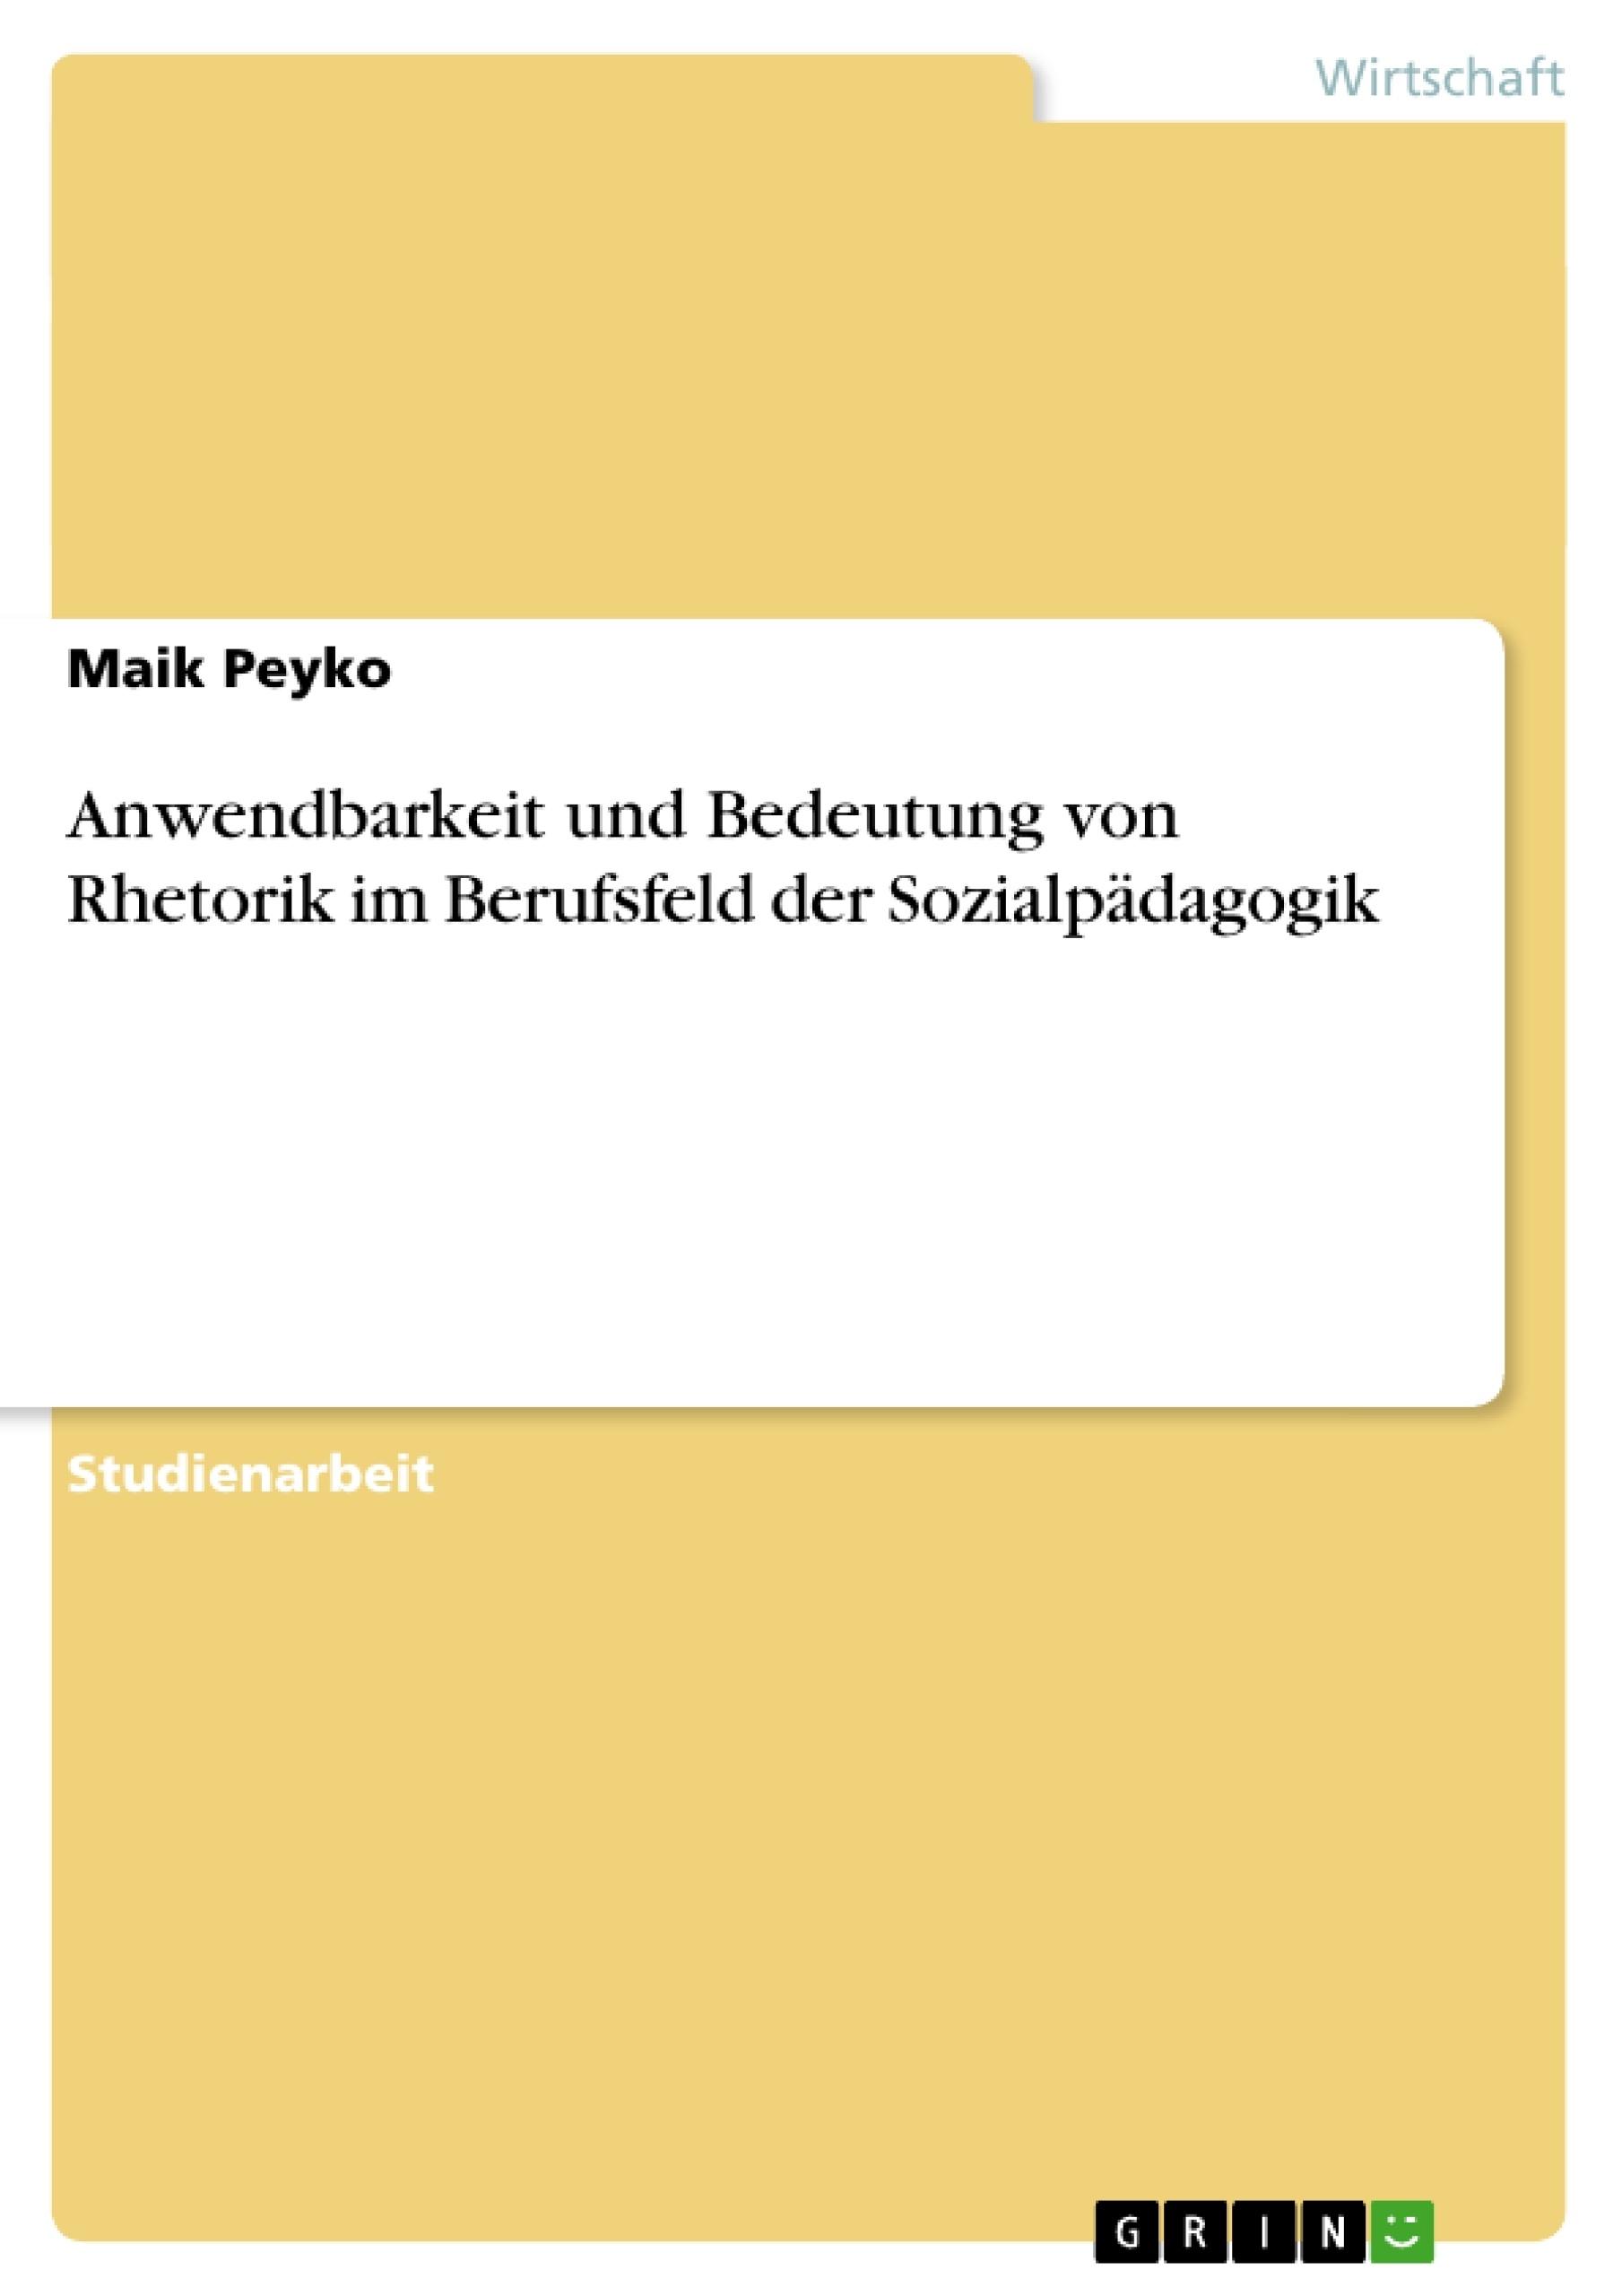 Titel: Anwendbarkeit und Bedeutung von Rhetorik im Berufsfeld der Sozialpädagogik